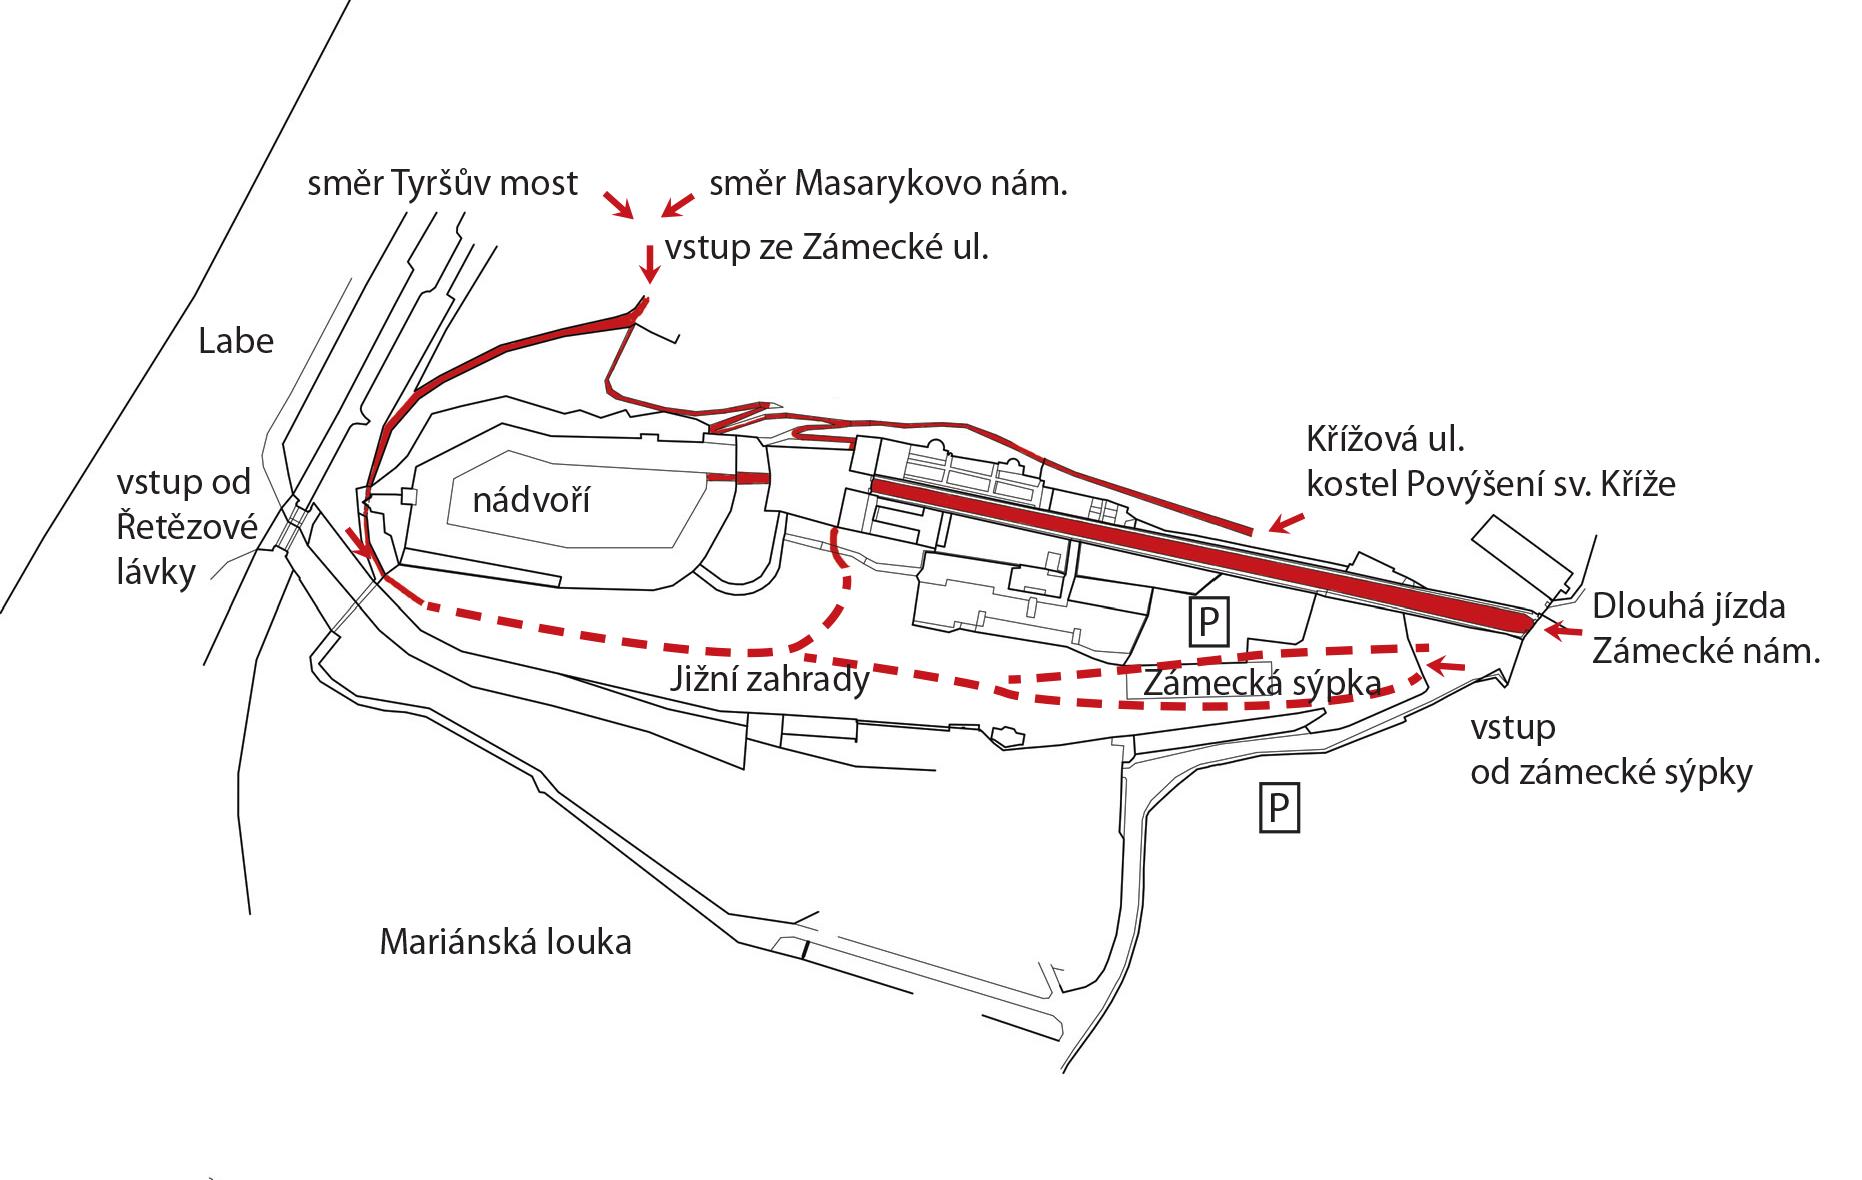 Přístupové cesty ke vstupům na Zámek Děčín